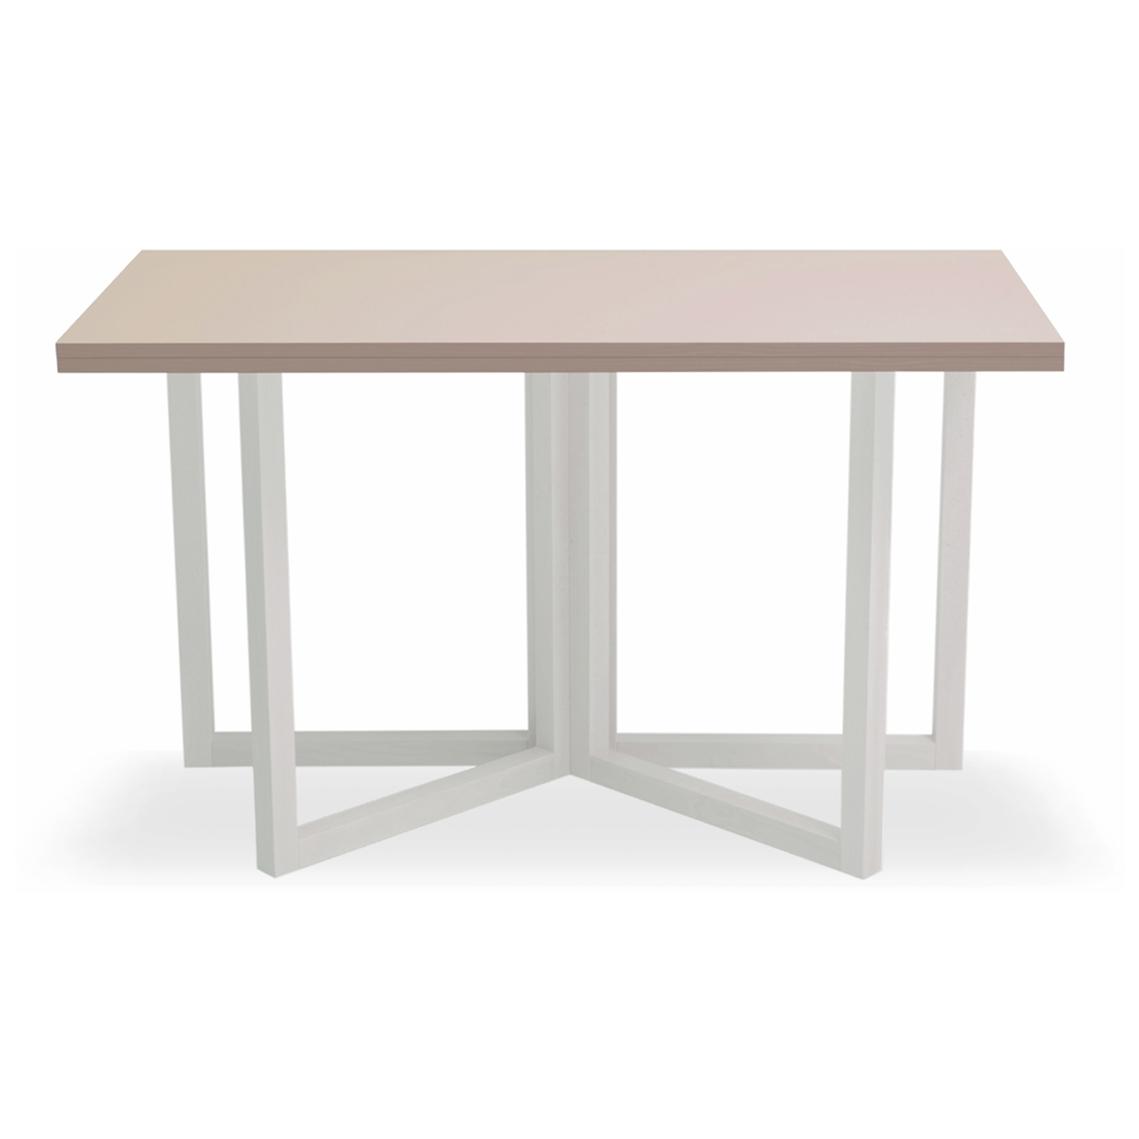 Tavolo natisa book 120x60 60 bianco di design tavoli a for Tavolo 70 x 120